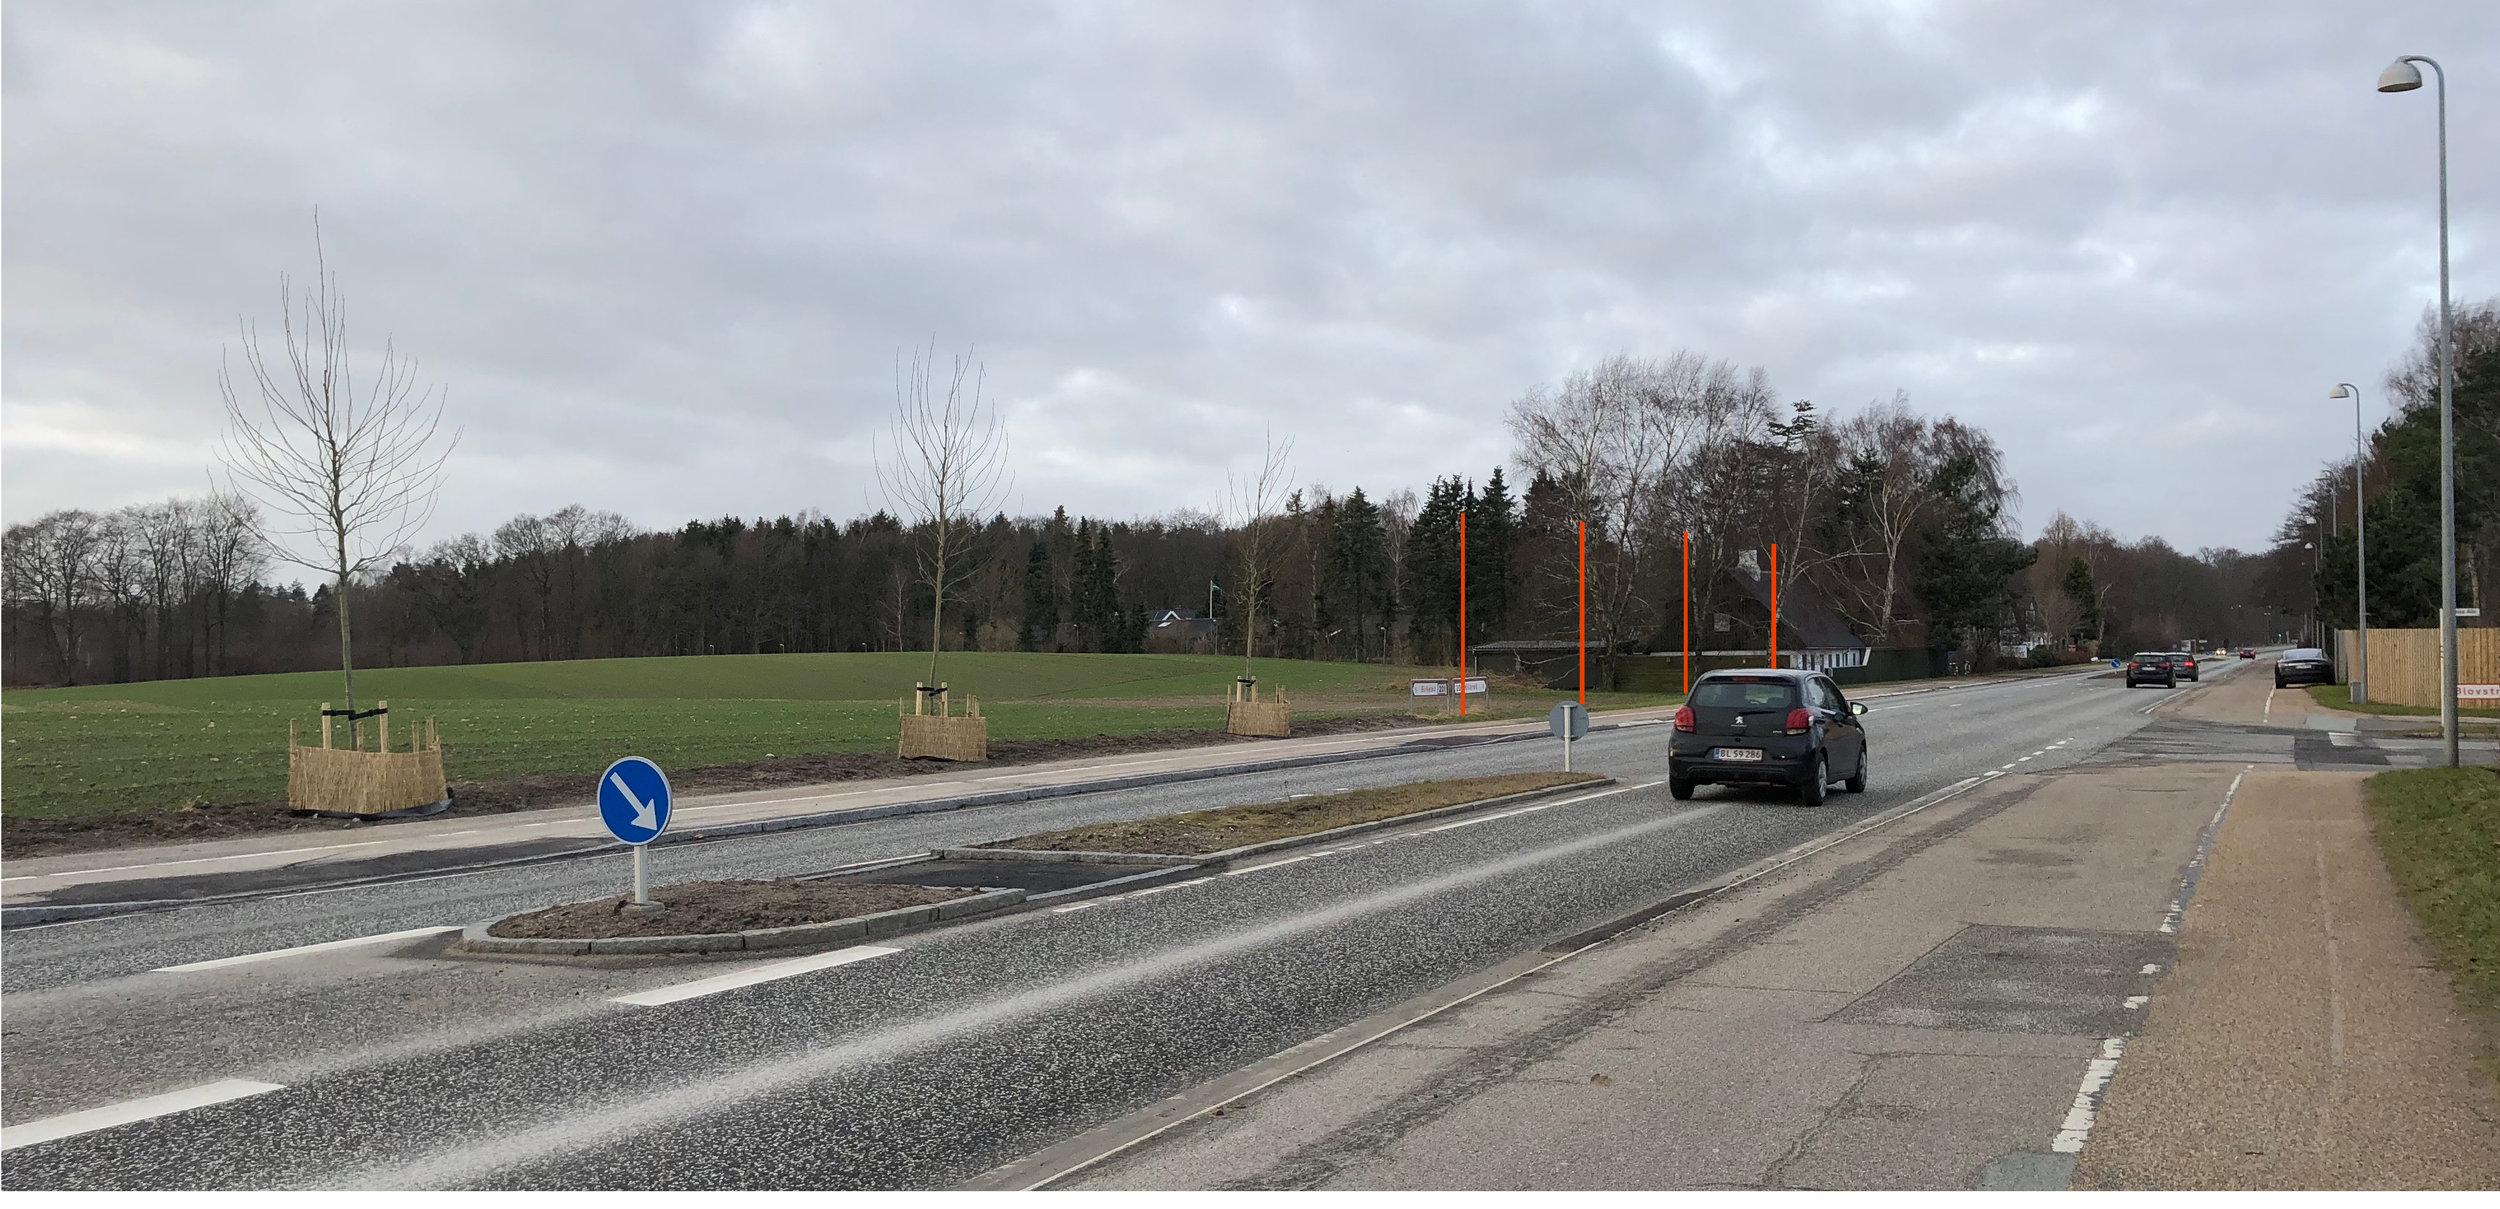 Som det ses påfotoet,mangler der fire platantræer, for at gøre rækken helt færdig - mon der ikke er råd til det? Foto: AOB